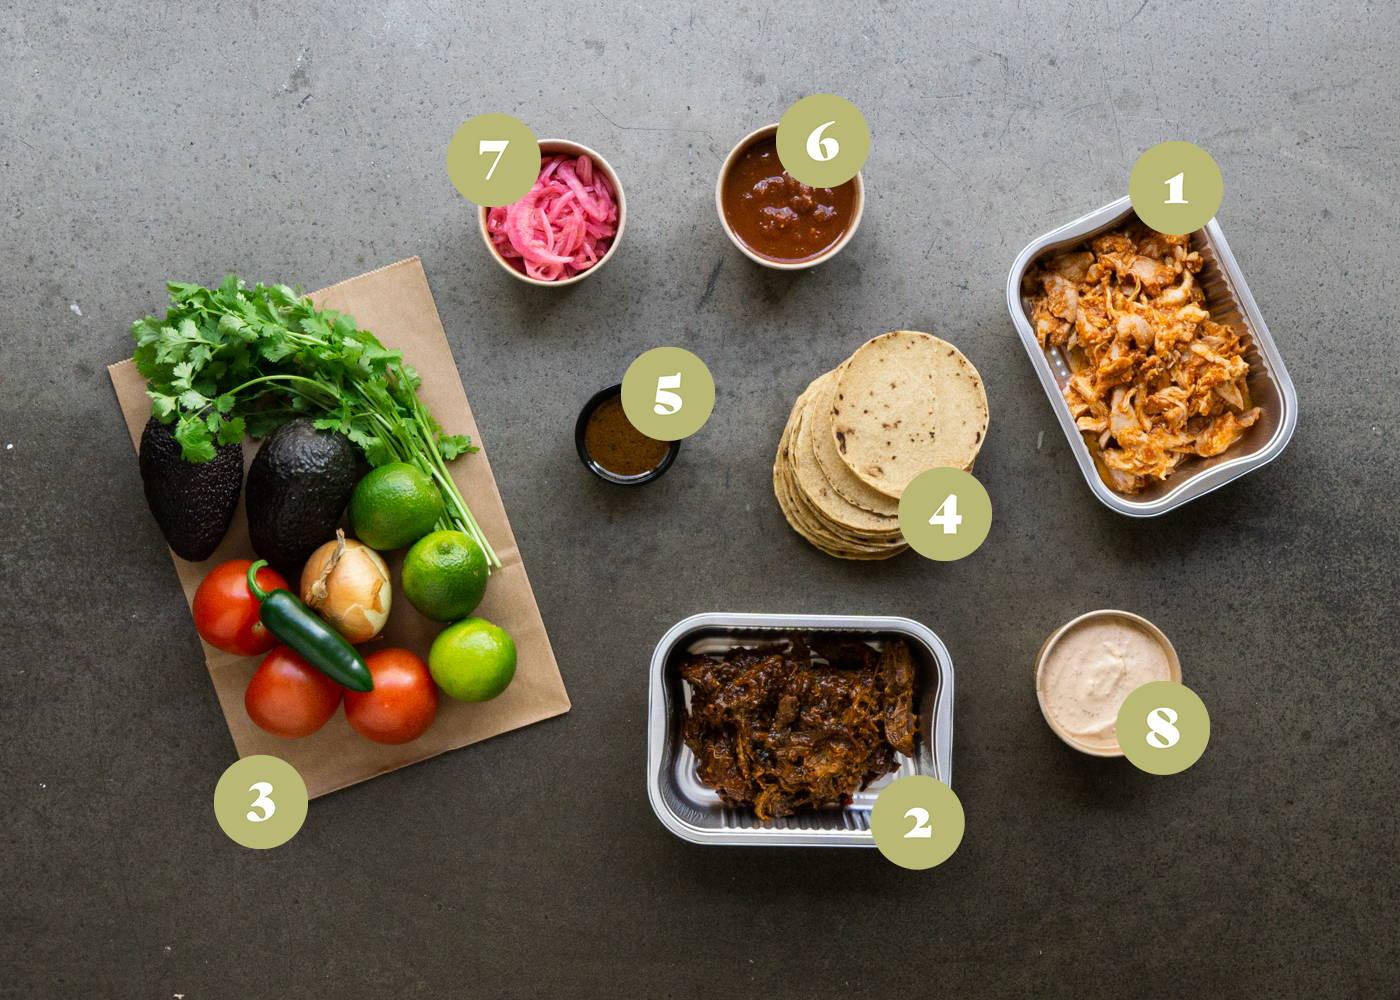 Opskrift og vejledning til Samle selv tacos med chipotle kylling og pork carnitas, blandet salsaer og toppings